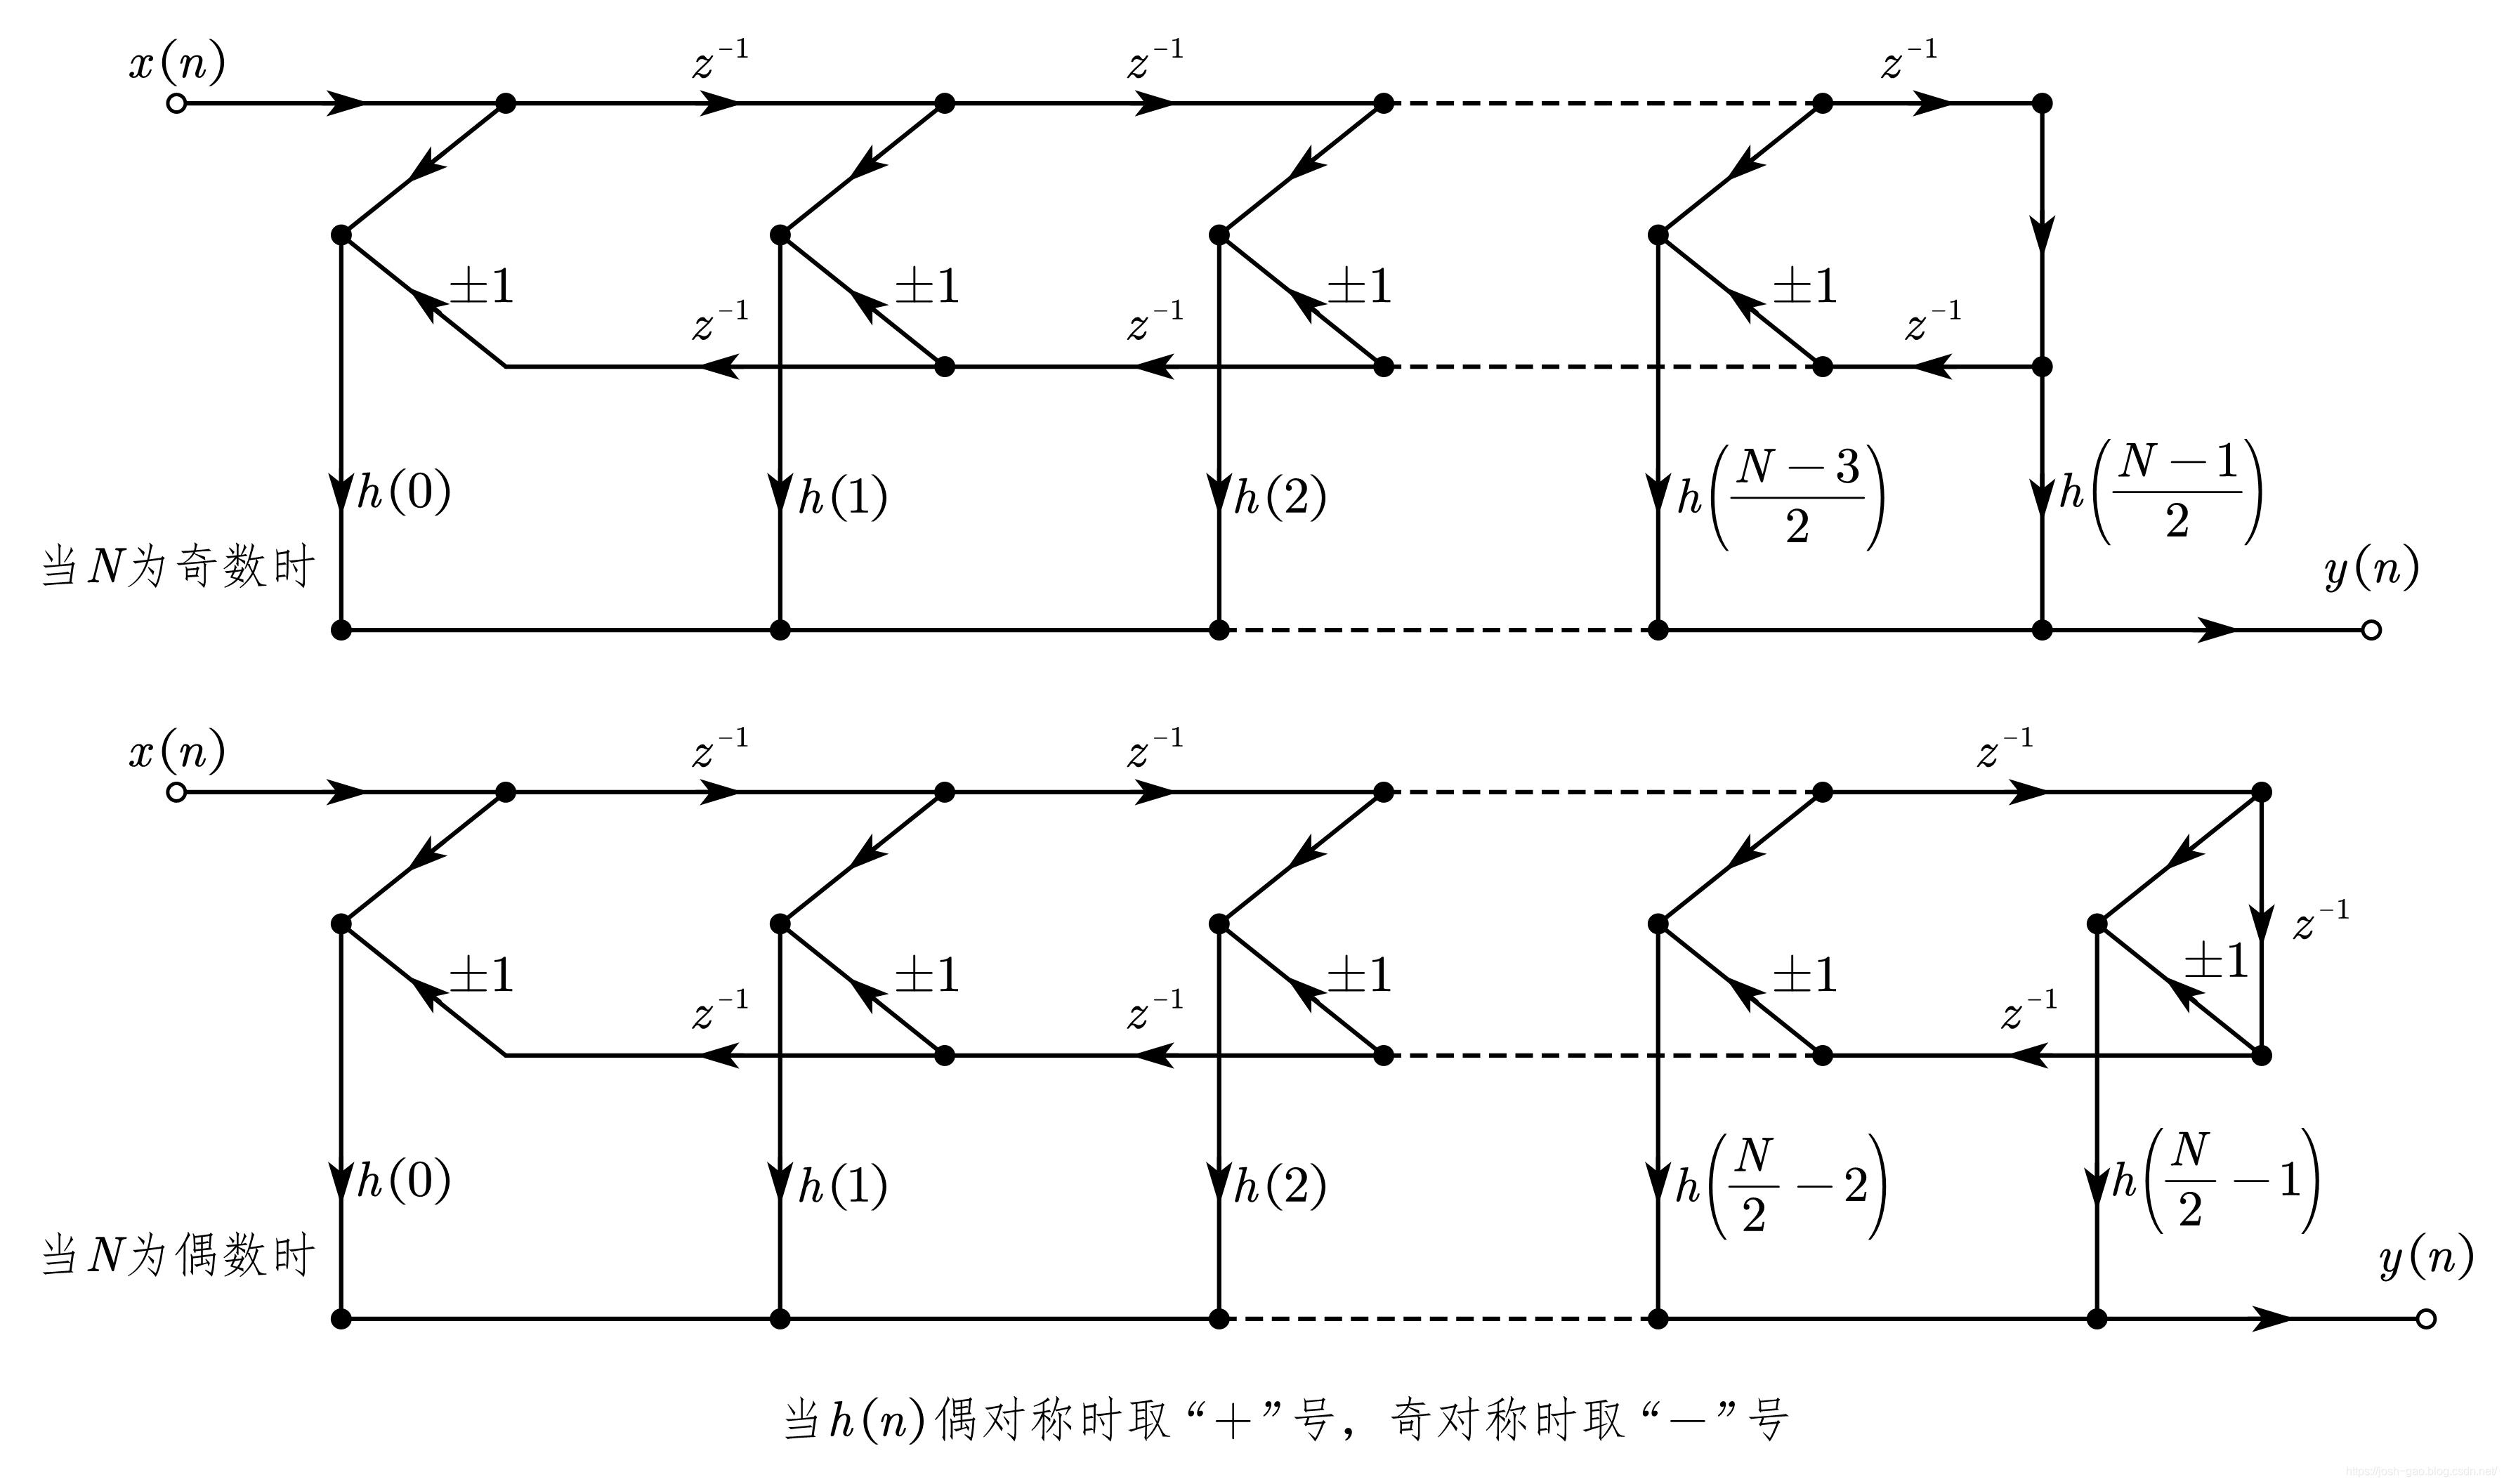 线性相位型 FIR 滤波器的结构